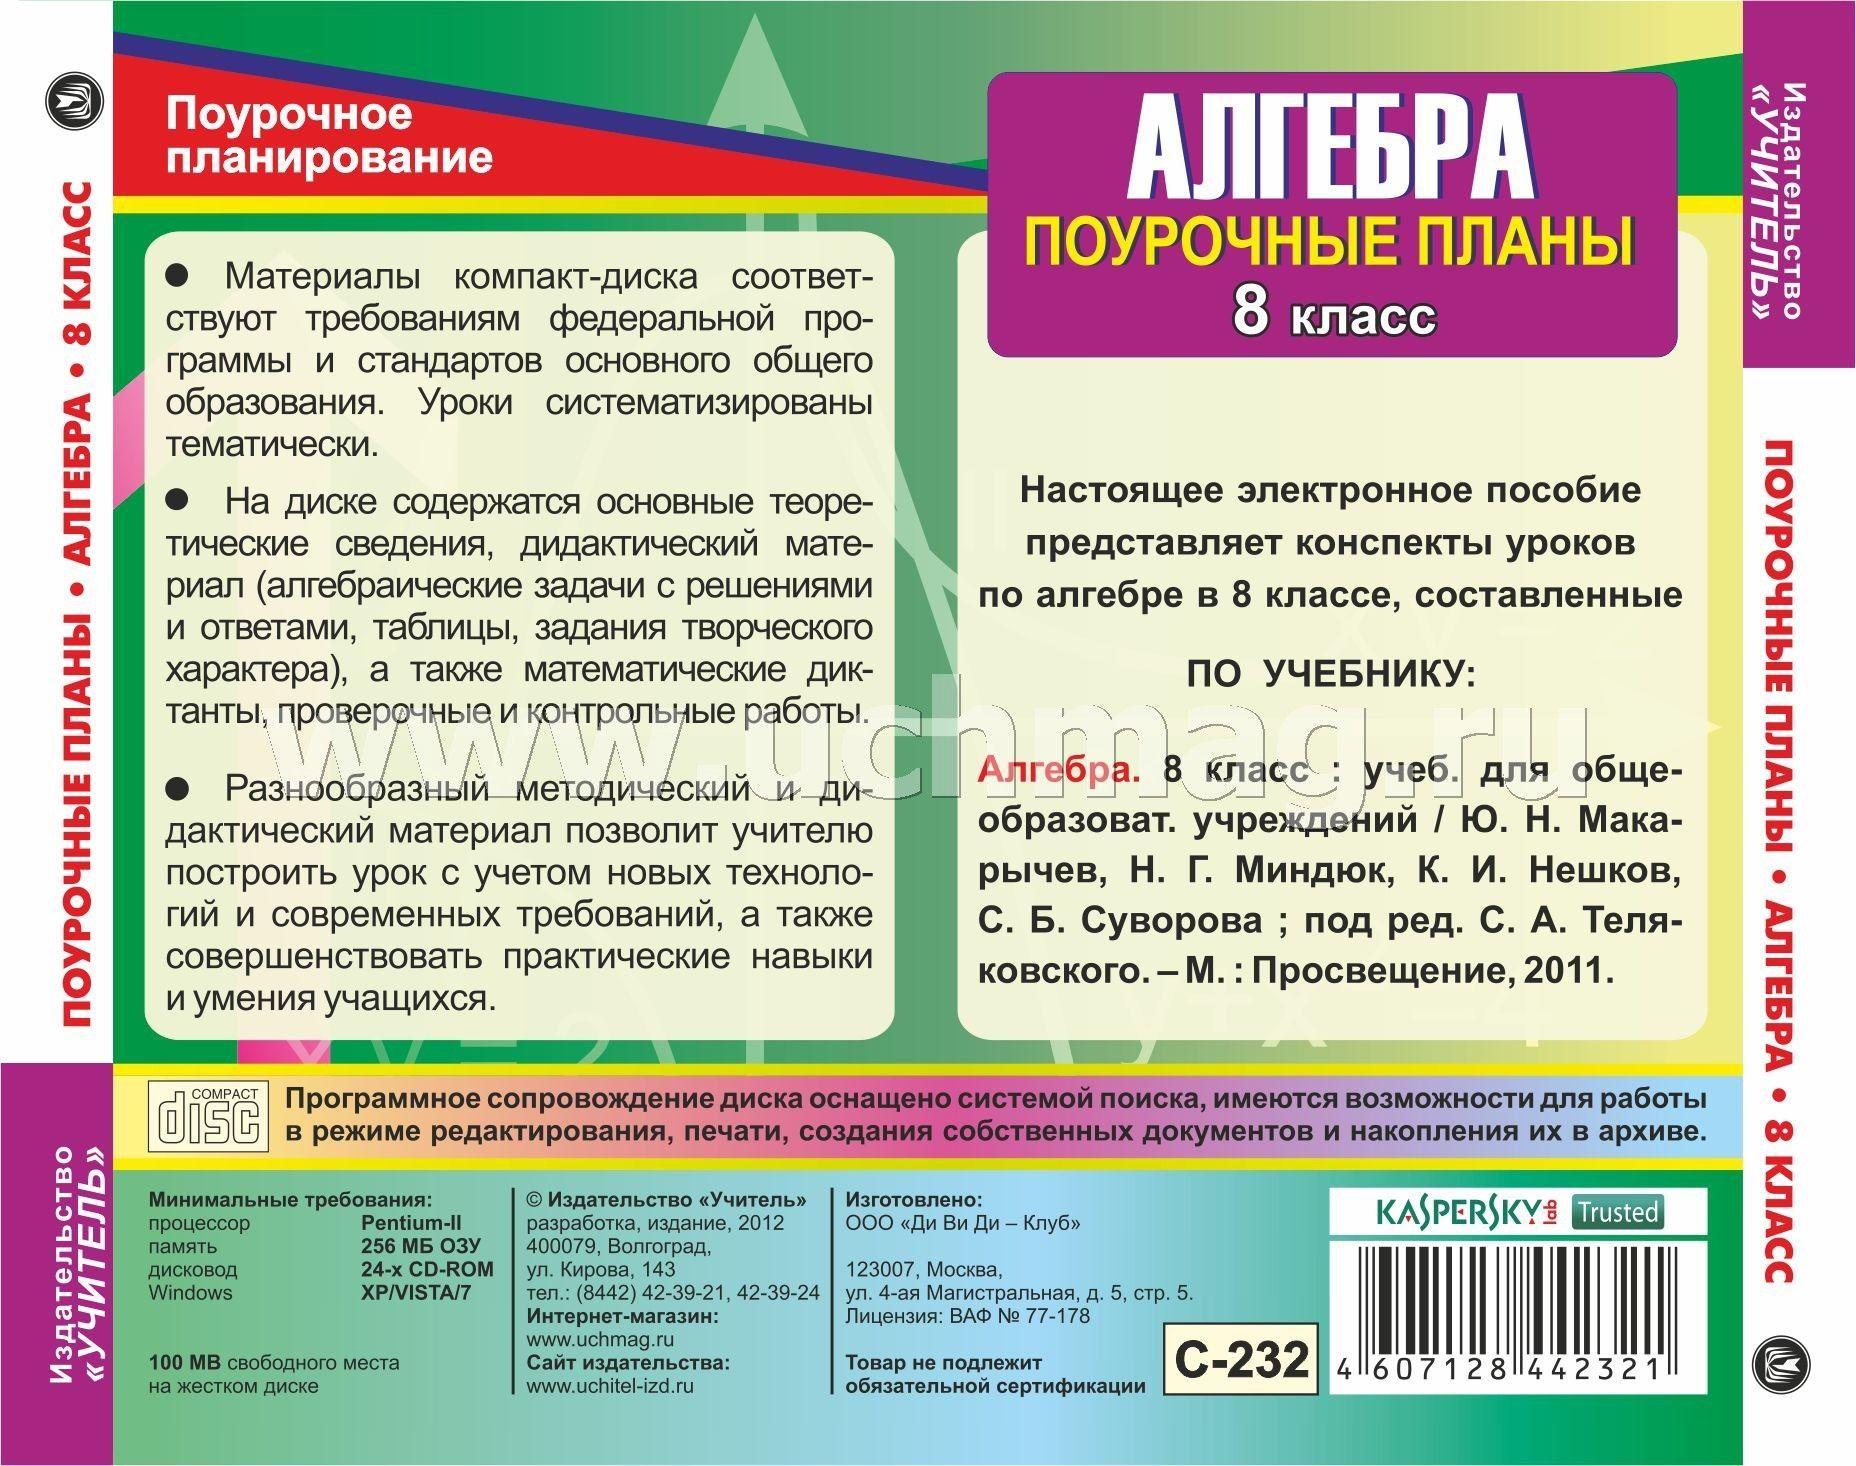 Методичка по русскому языку 2 класс поурочные планы соловейчик